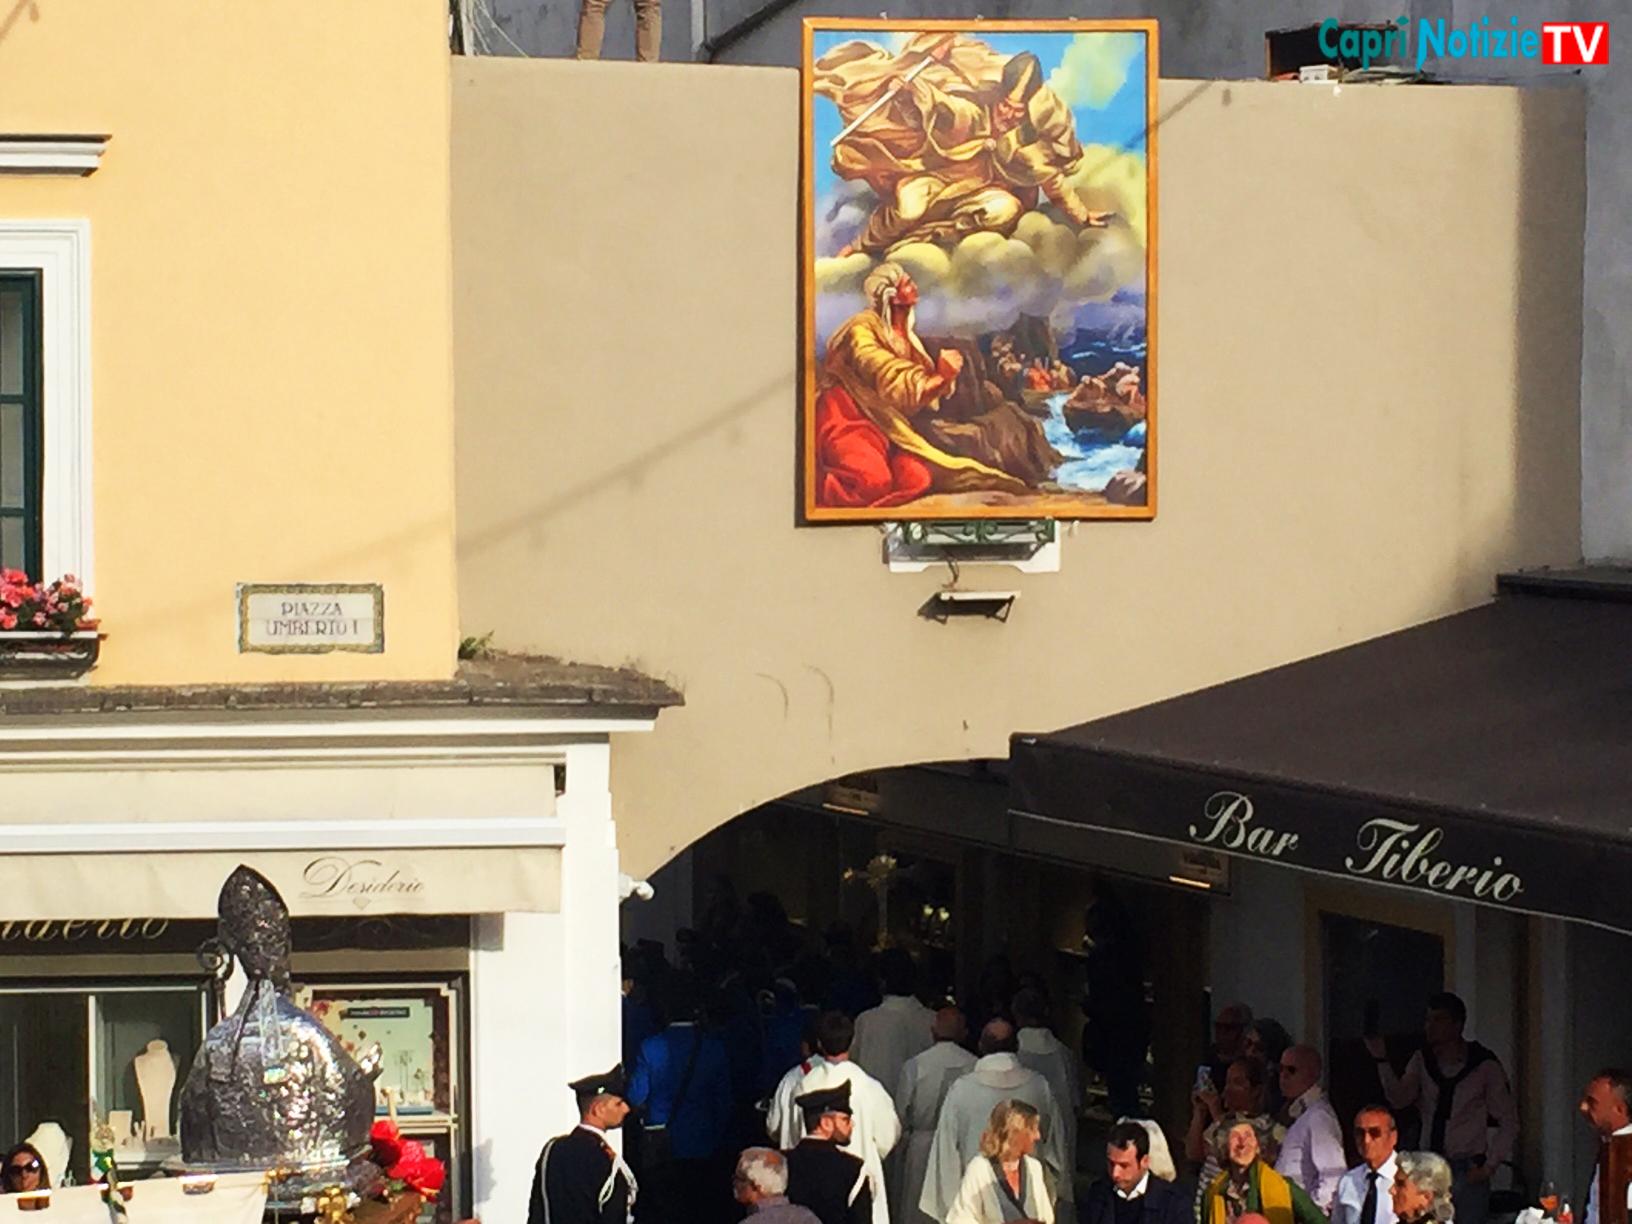 San Costanzo Patrono di Capri.  La tradizionale scoperta del Quadro che inaugura i festeggiamenti del 2019